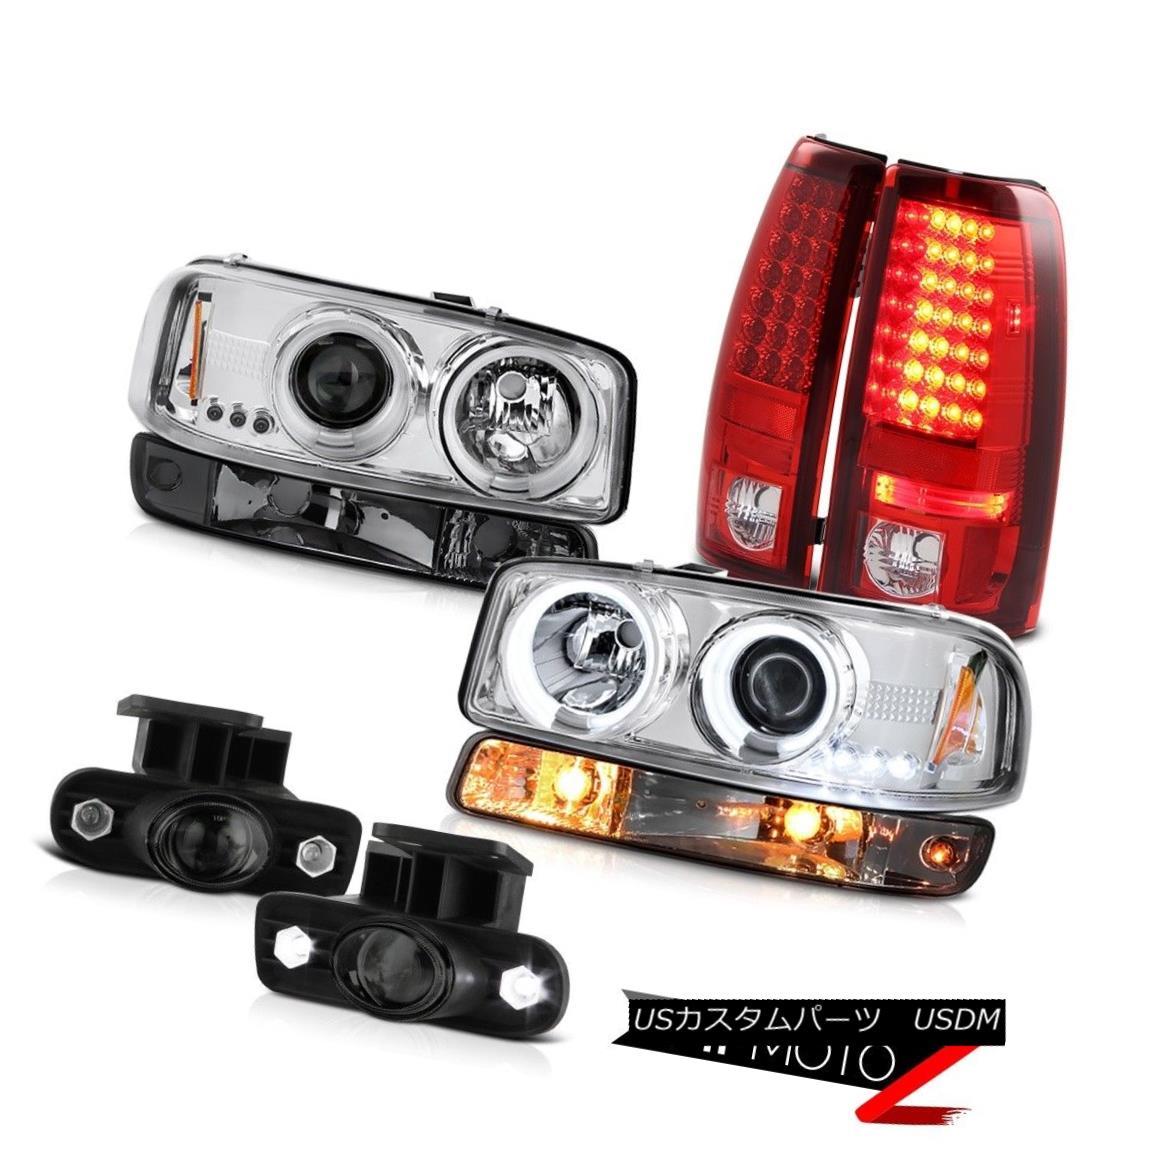 テールライト 1999-2002 Sierra WT Smoked fog lamps led taillamps parking light ccfl headlights 1999-2002シエラWTスモークフォグランプは、テールランプの駐車ライトccflヘッドライトを導いた